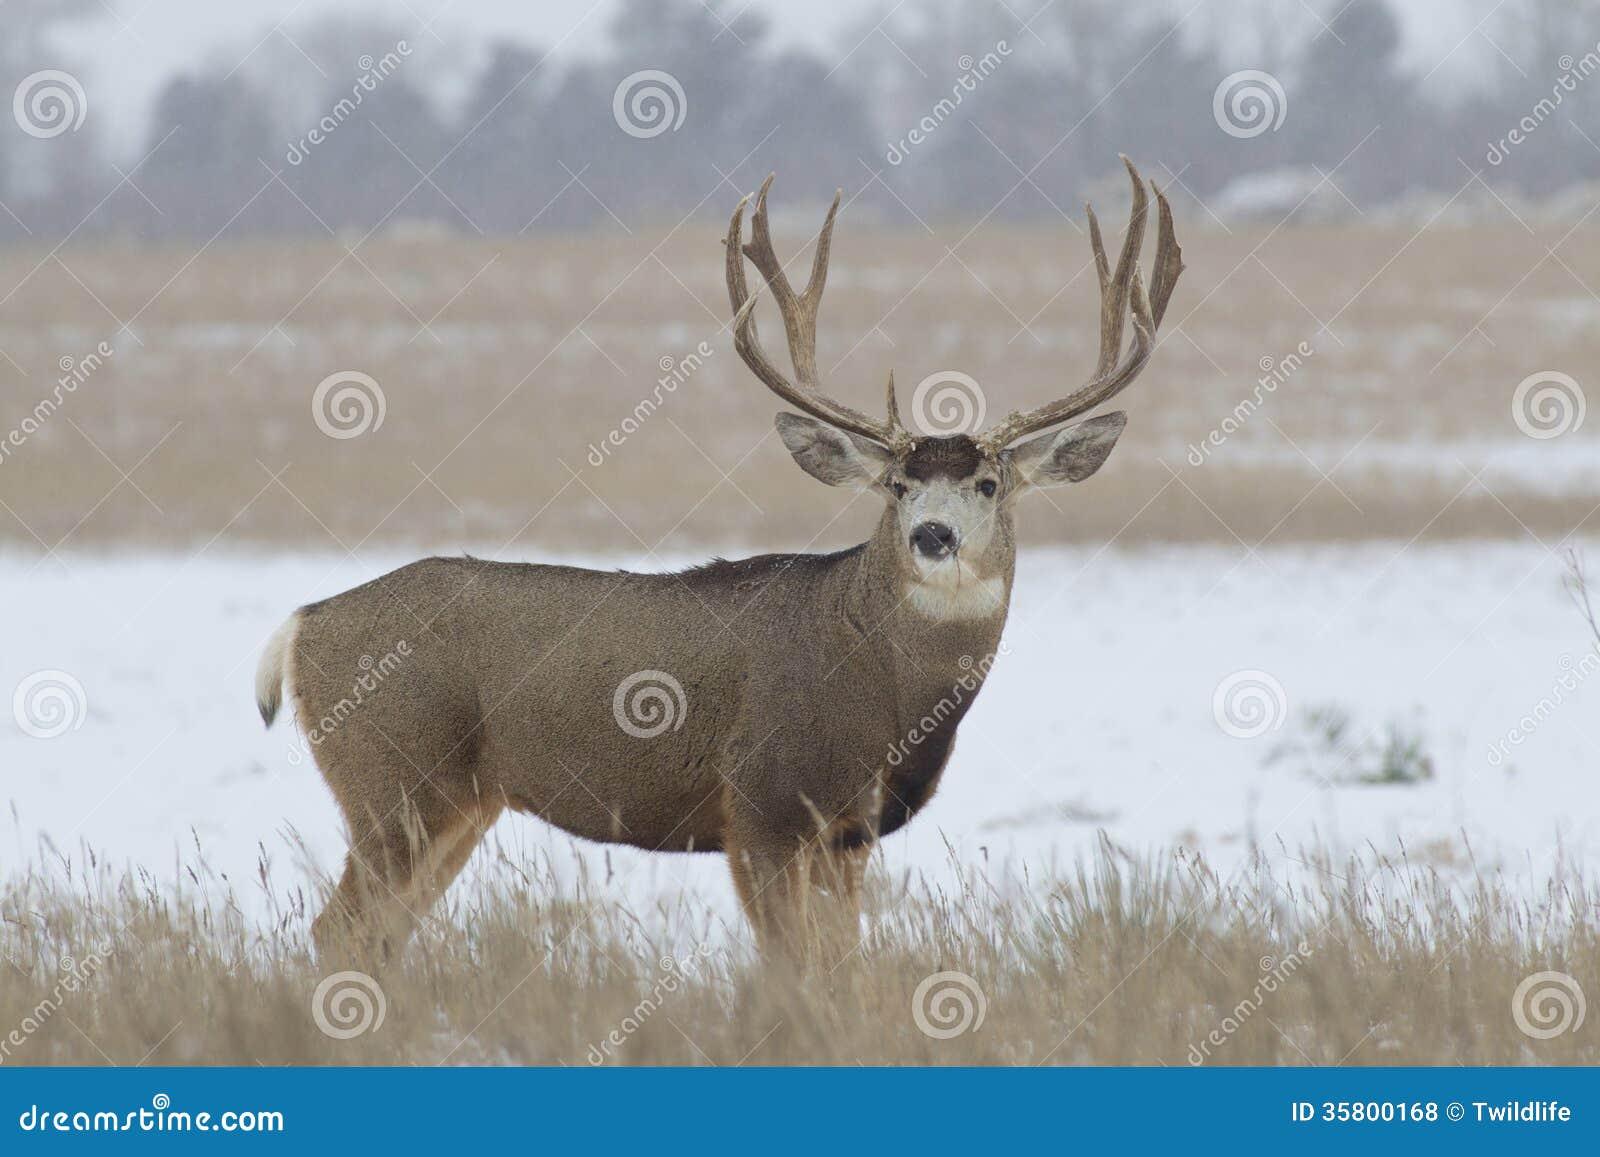 Trophy Mule Deer Buck Broadside Stock Photo - Image of ... Trophy Mule Deer Buck